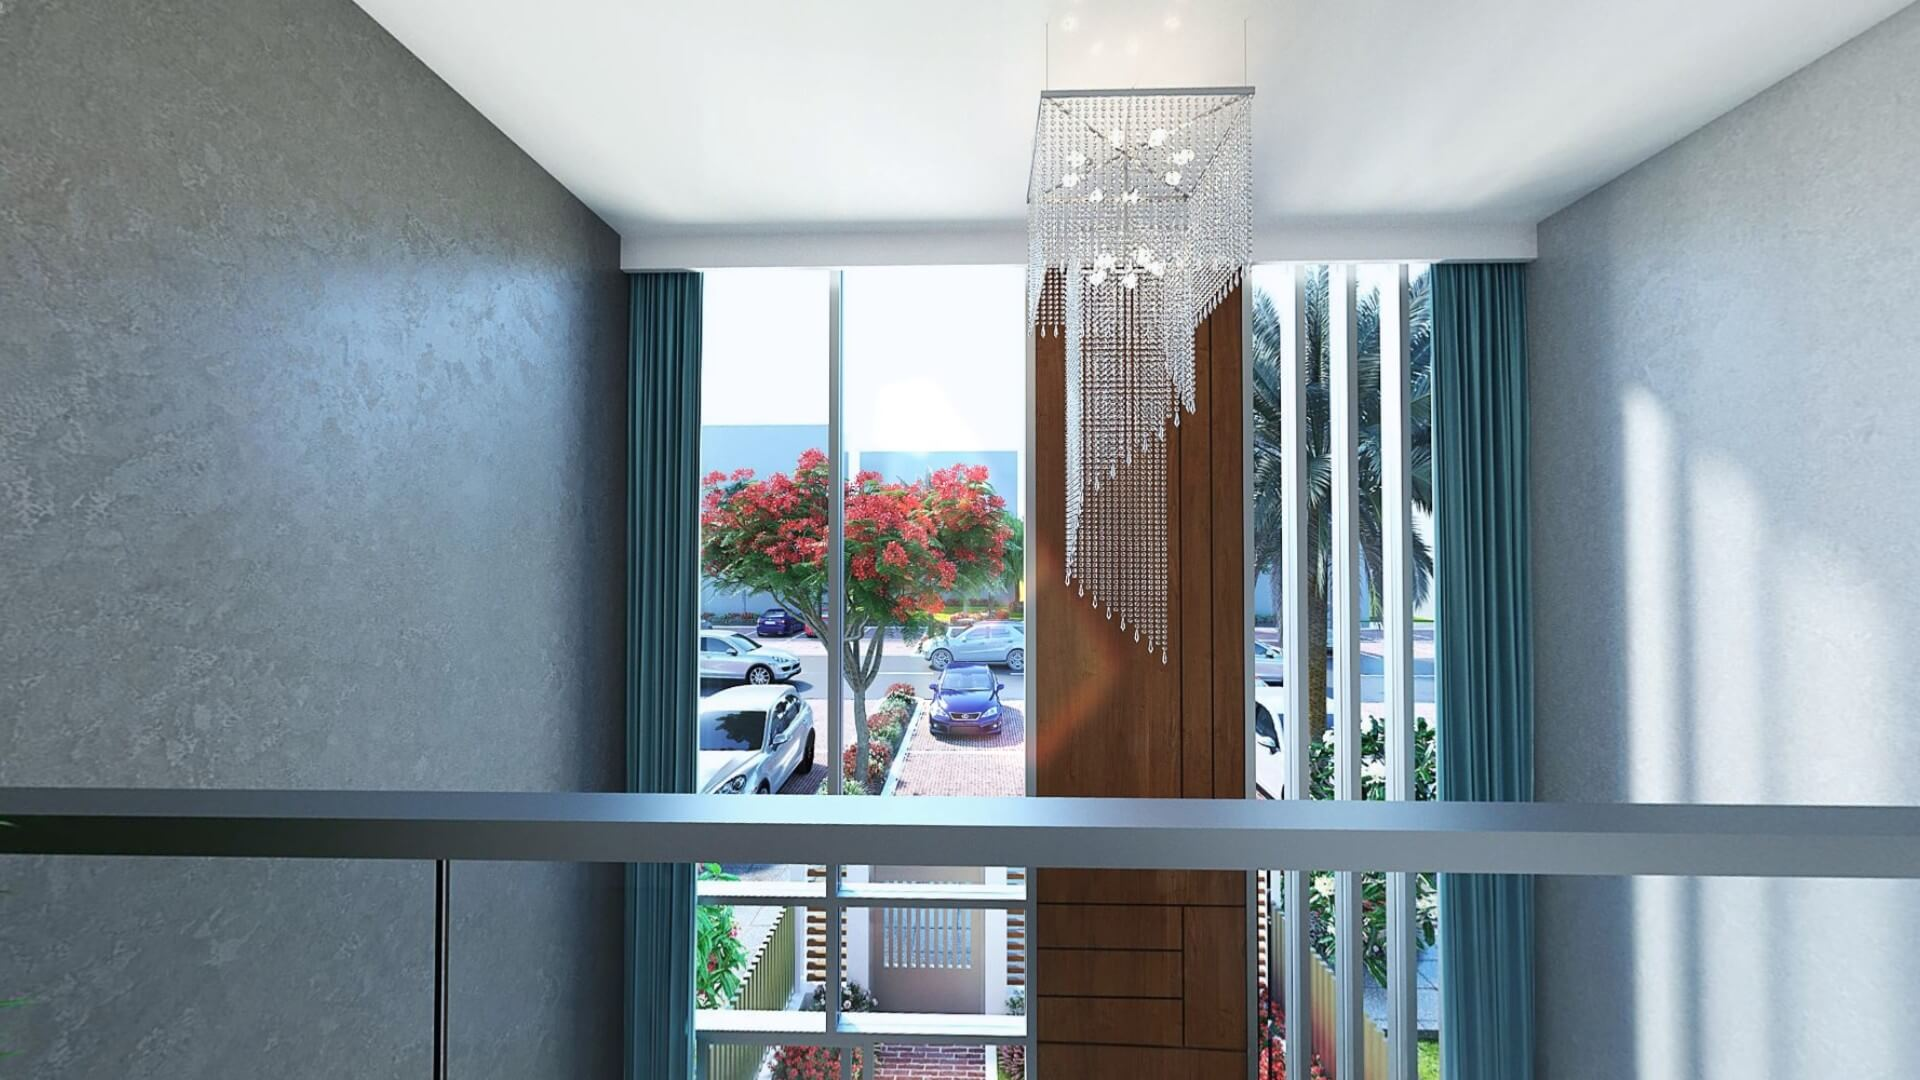 Adosado en venta en Dubai, EAU, 1 dormitorio, 90 m2, № 24557 – foto 2